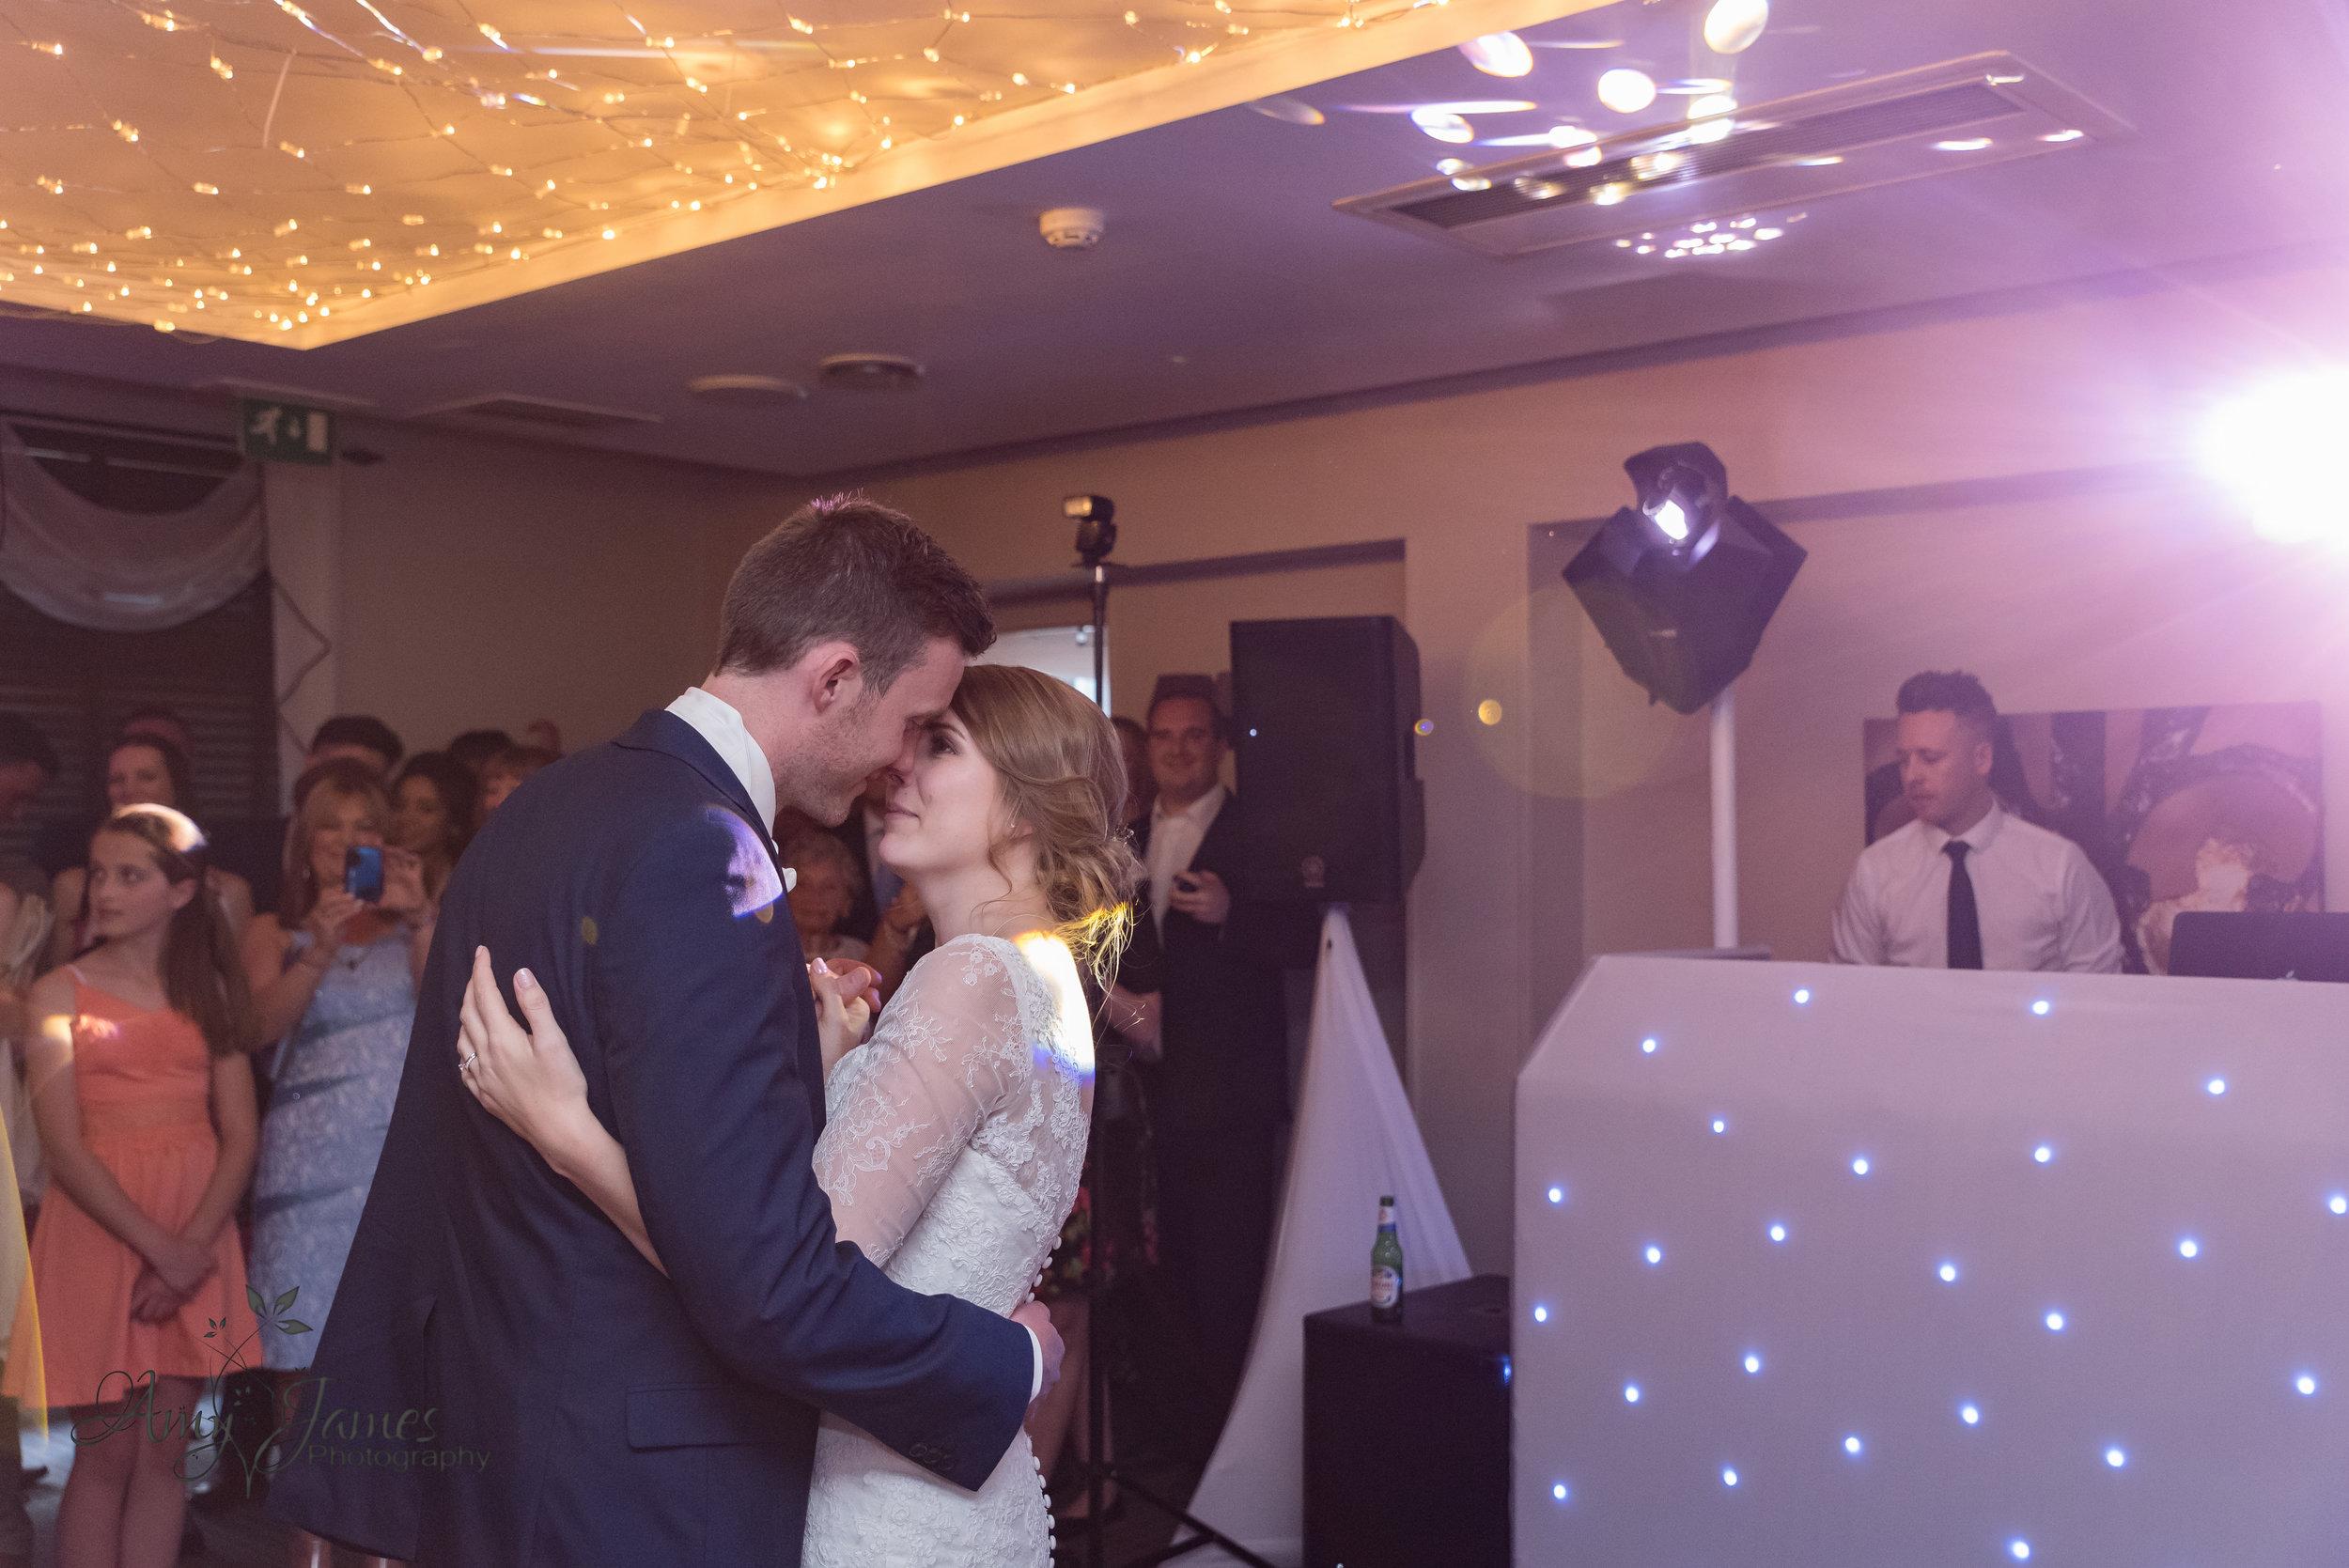 Hampshire wedding photographer | Fleet wedding photographer | Highfield Park Hampshire wedding venue | Amy James Photography